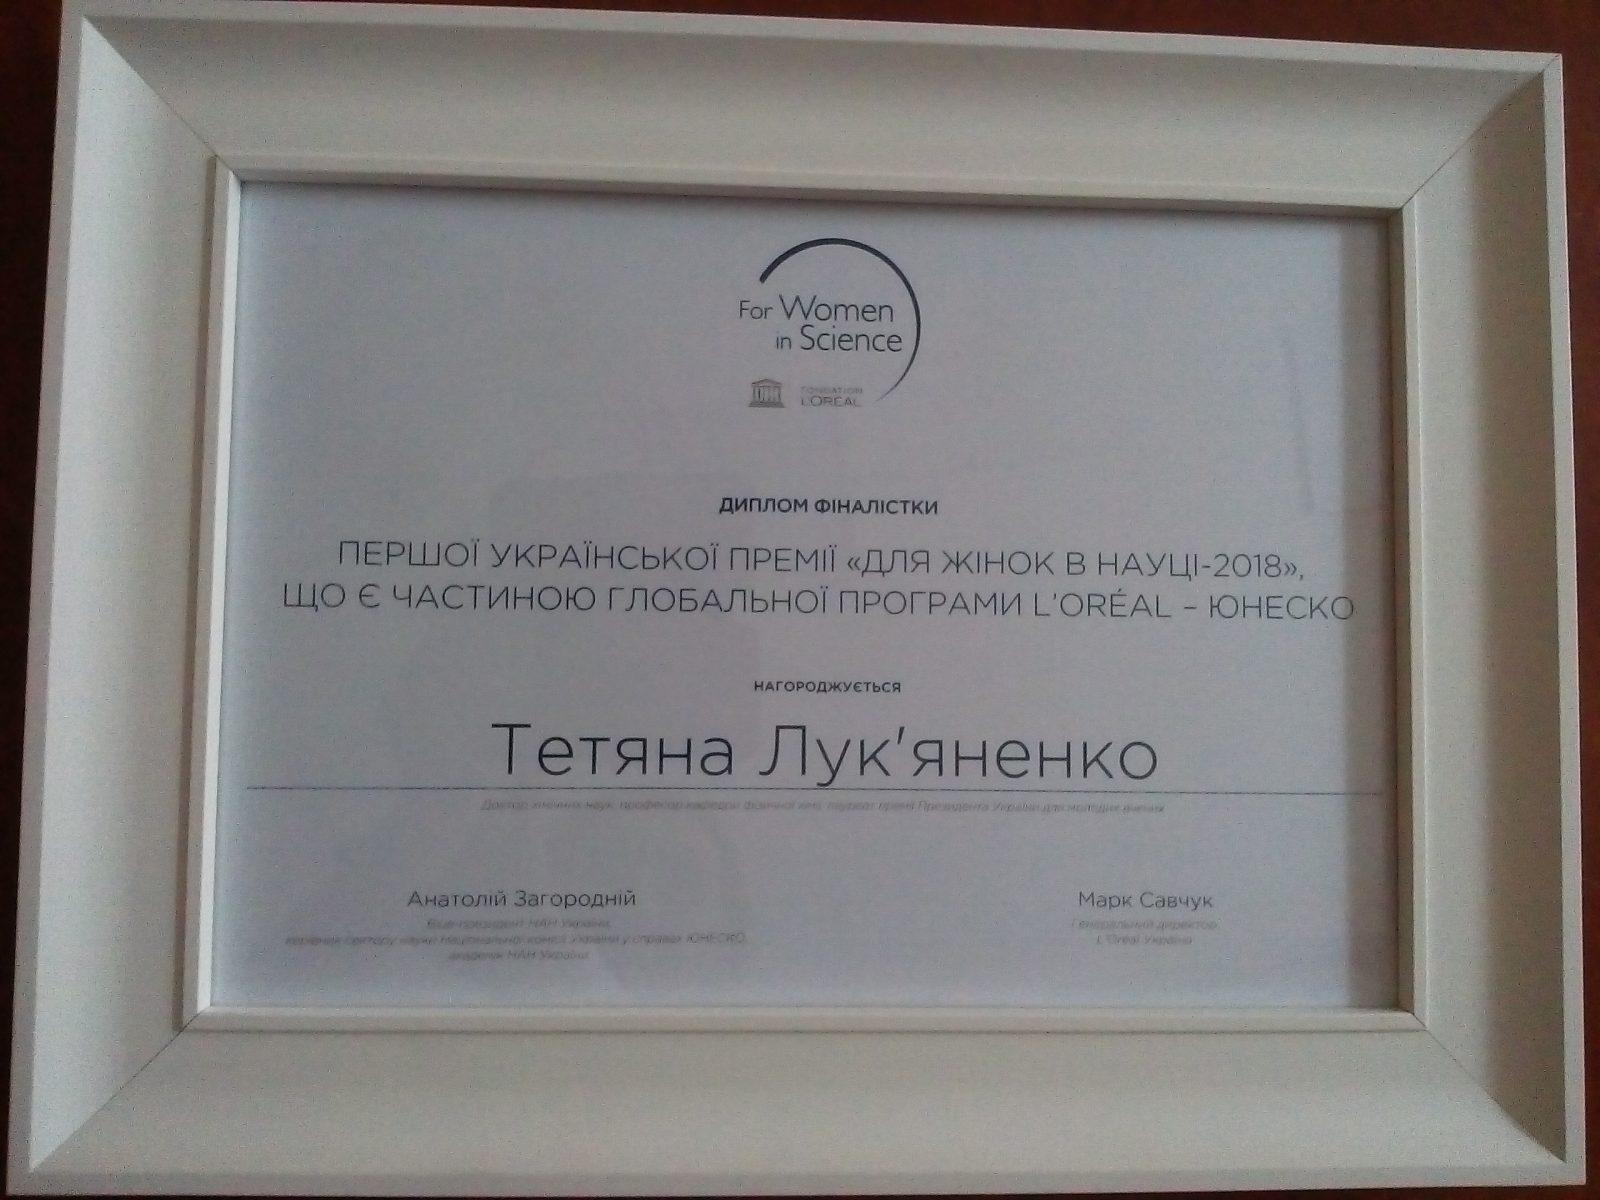 диплом финалистки